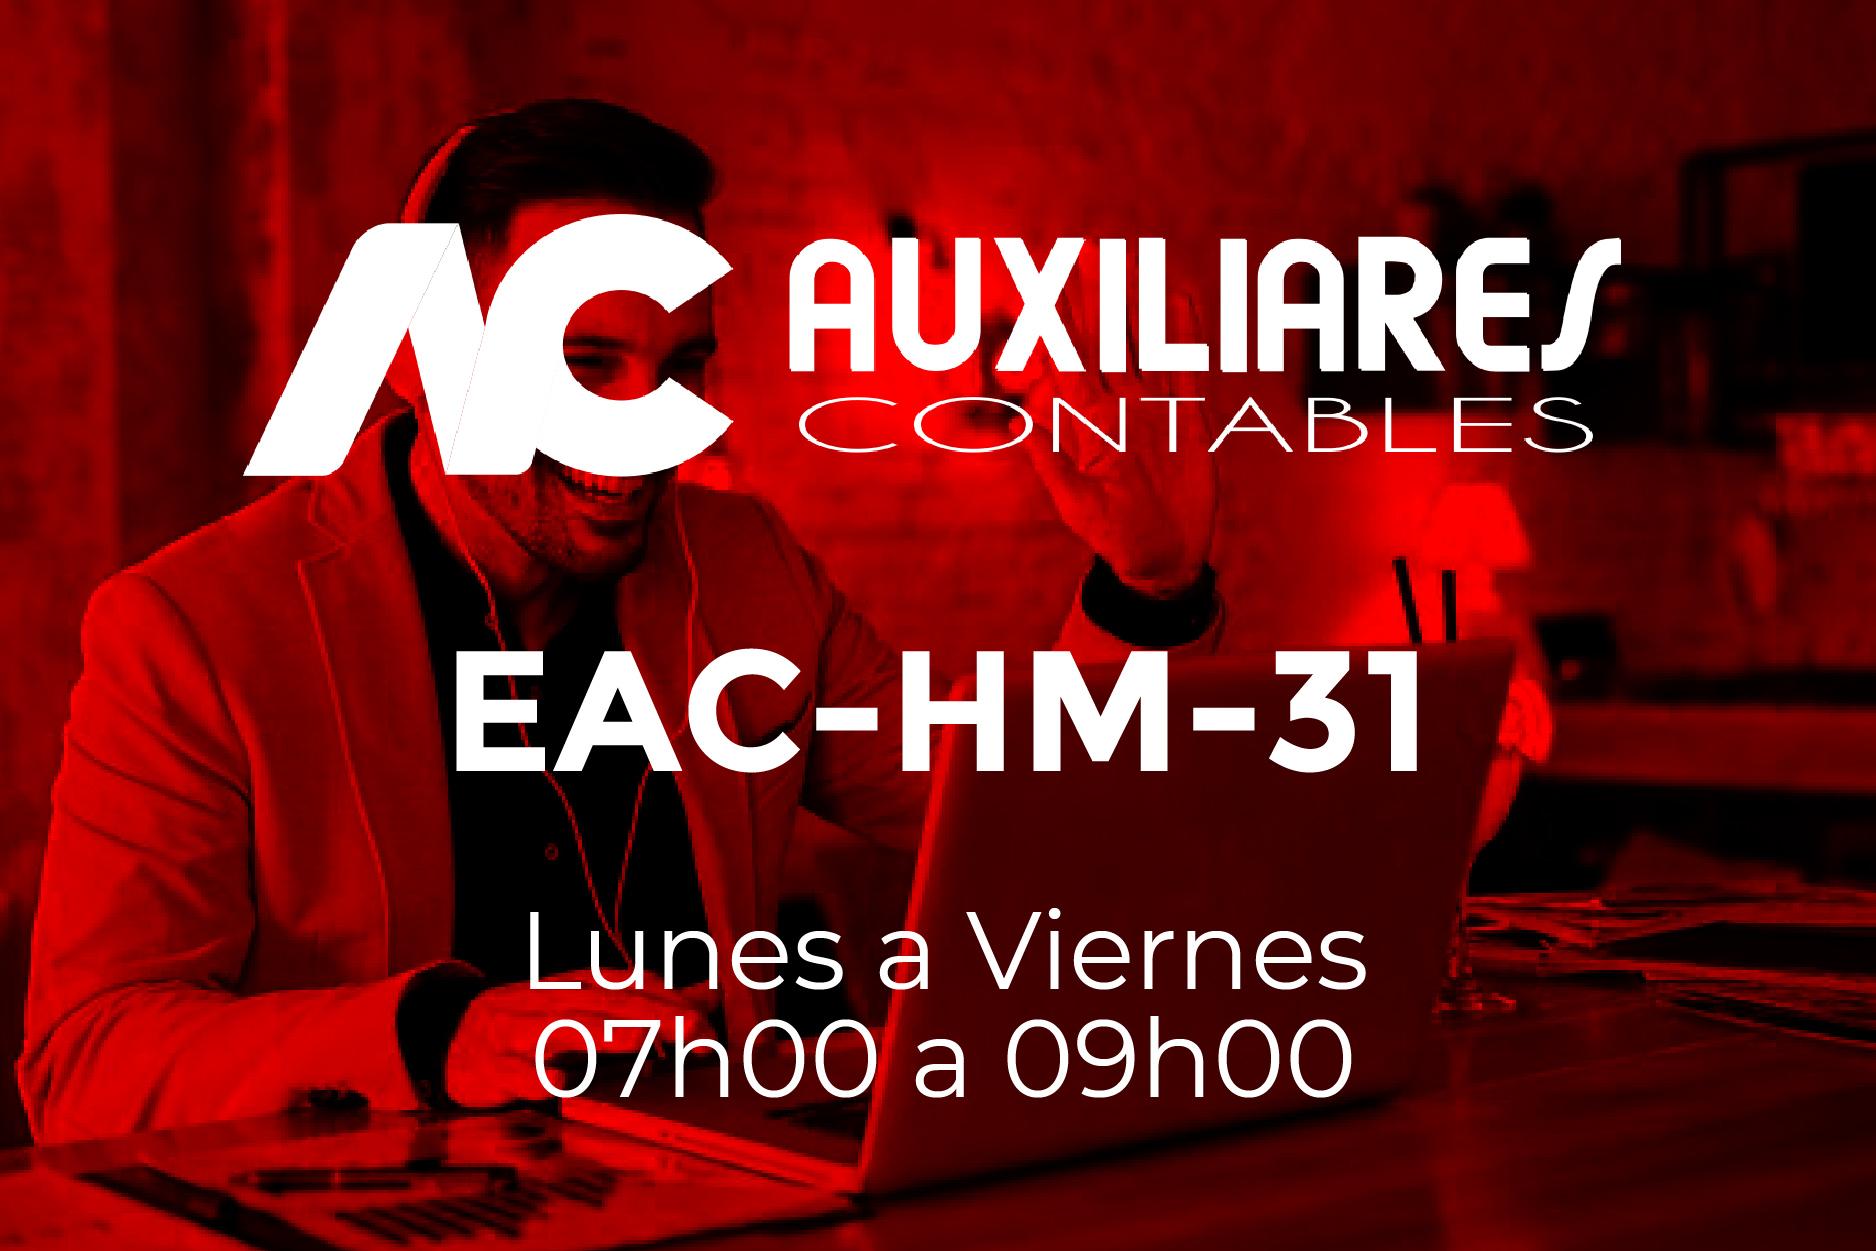 31 - AUXILIARES CONTABLES - LUNES A VIERNES - 07:00 A 09:00